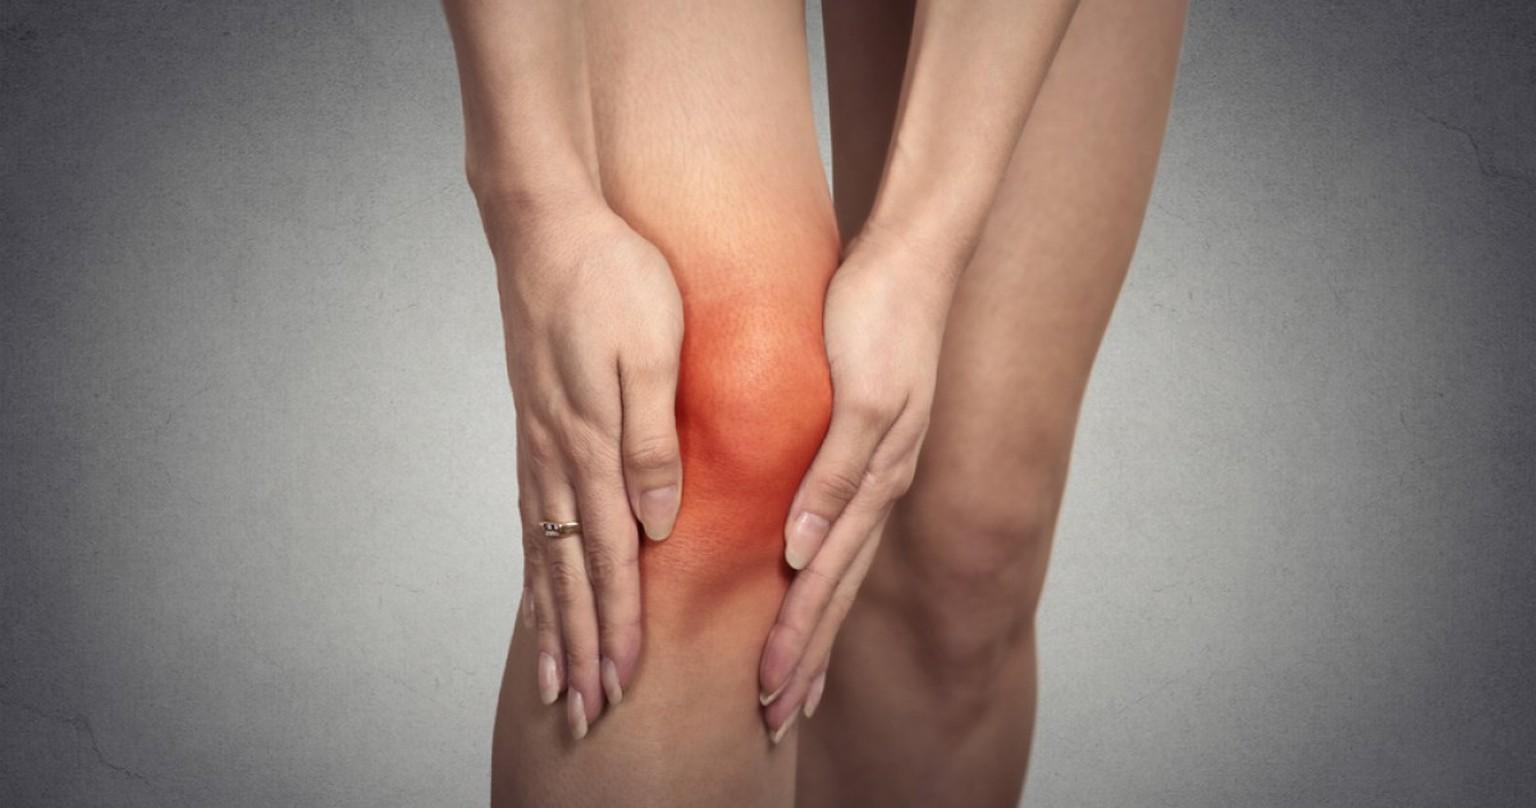 Как снять отек и опухоль с колена народными средствами в домашних условиях